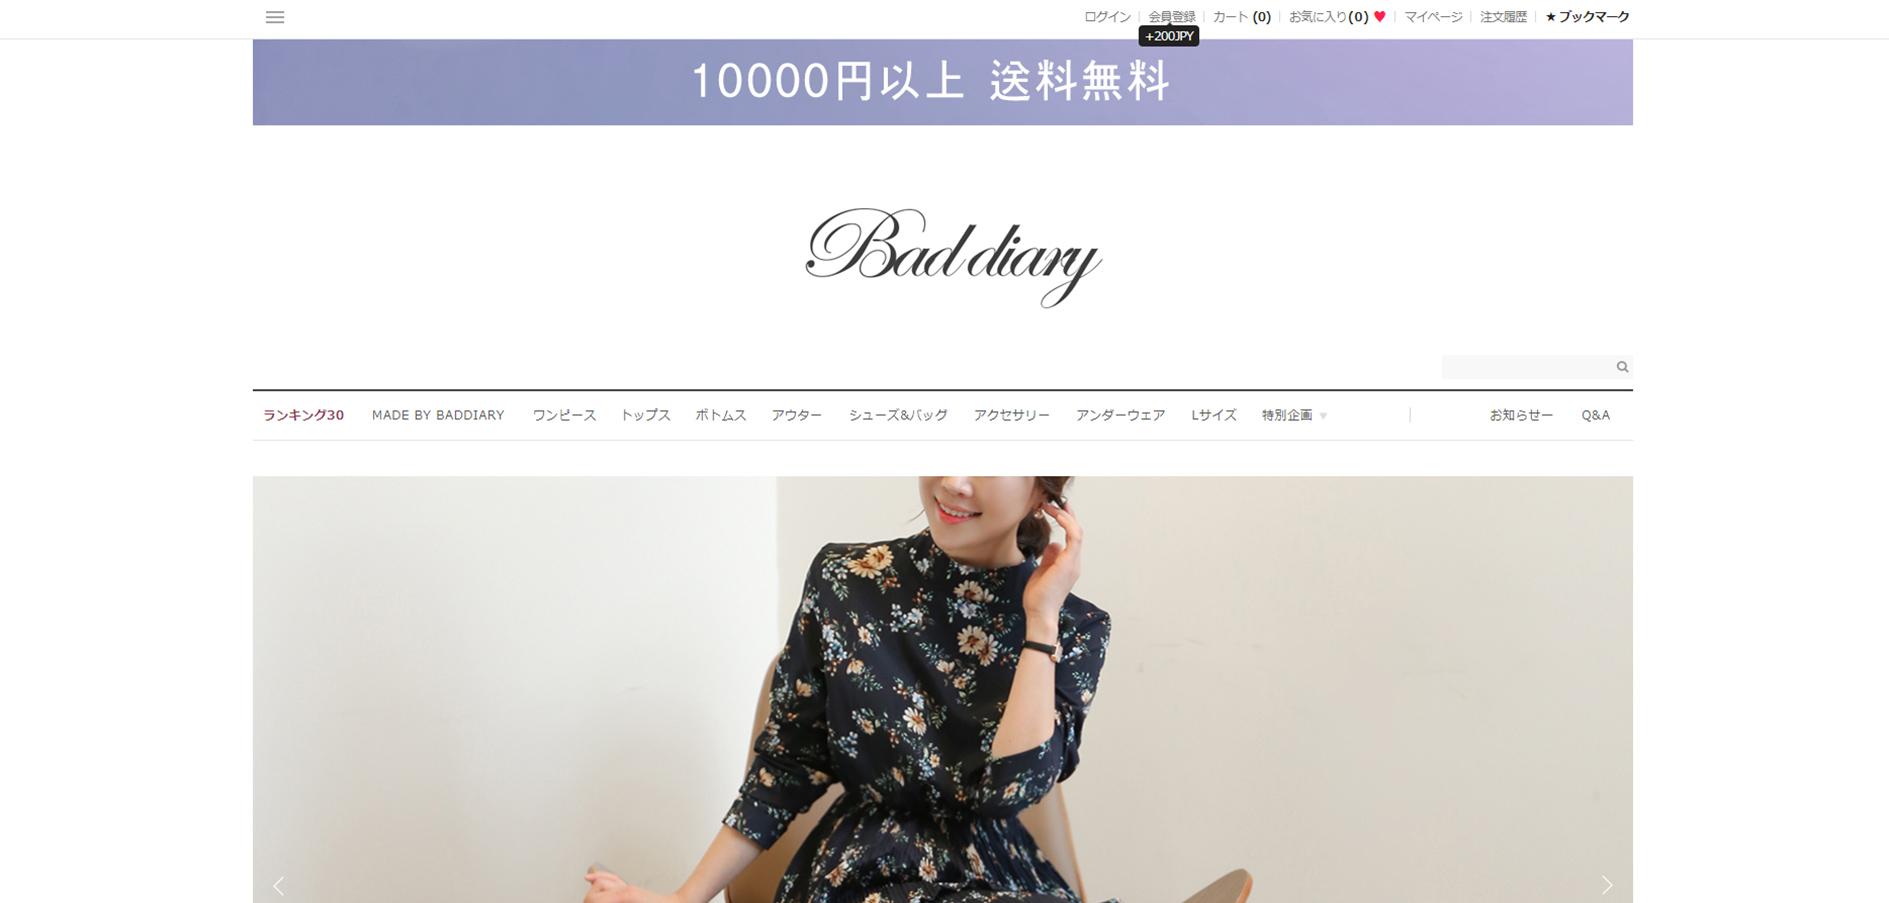 30代におすすめな韓国ファッション通販サイトのBAD DIARY(バッドダイアリー)